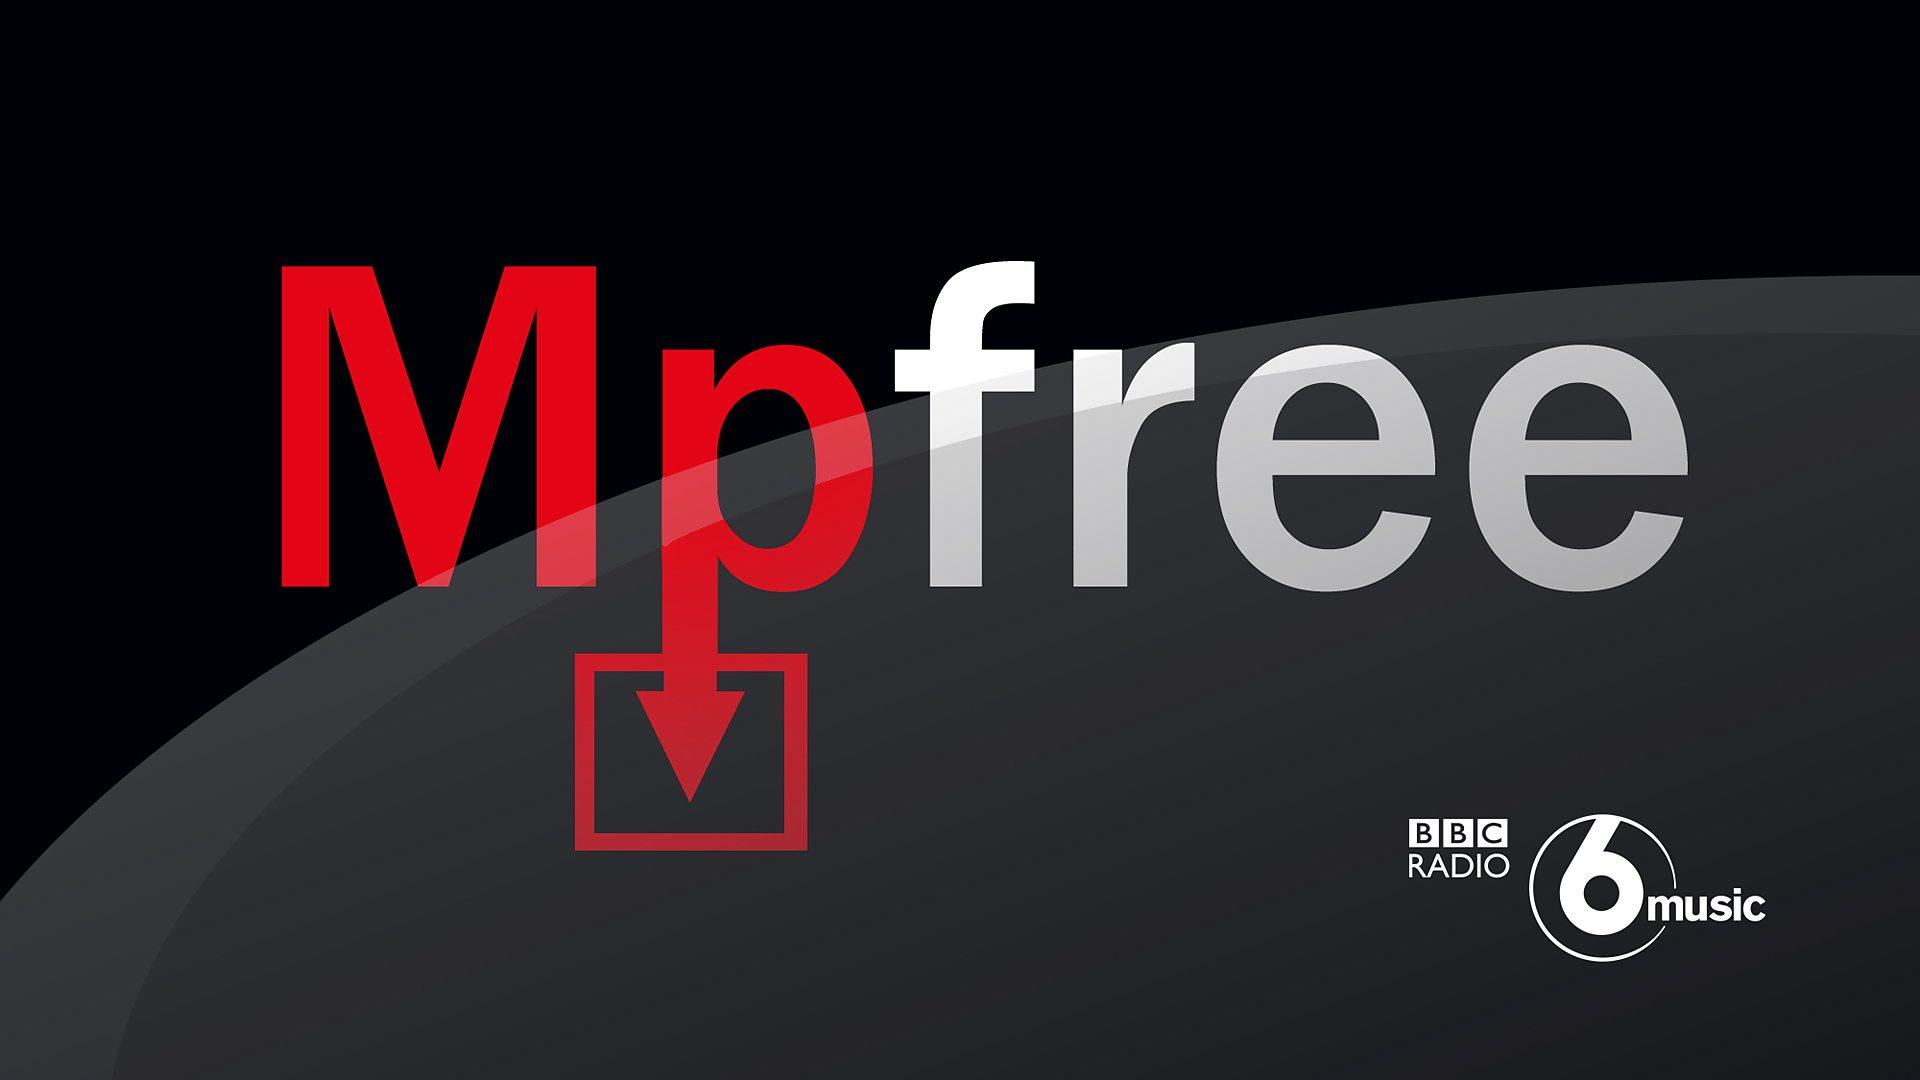 BBC Radio 6 Music - Lauren Laverne - MPFree - October 2015